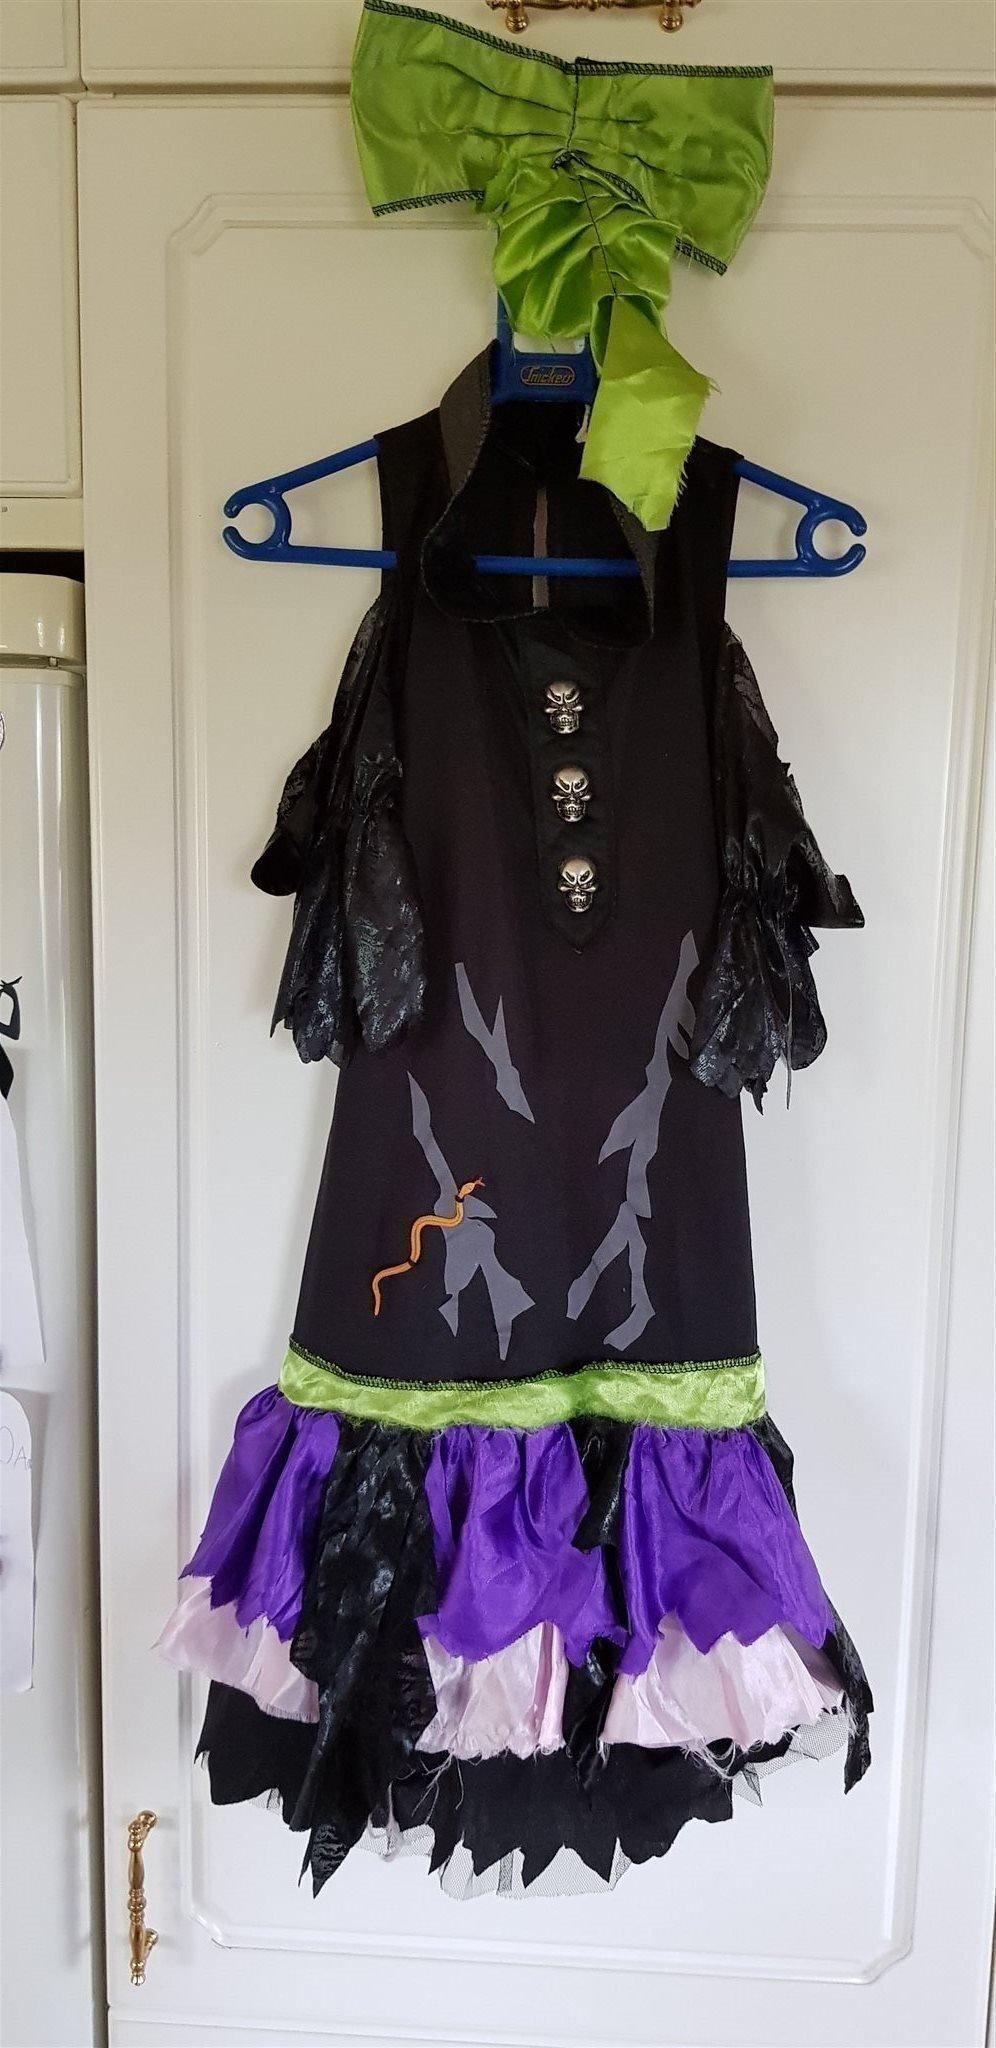 dödskalle klänning